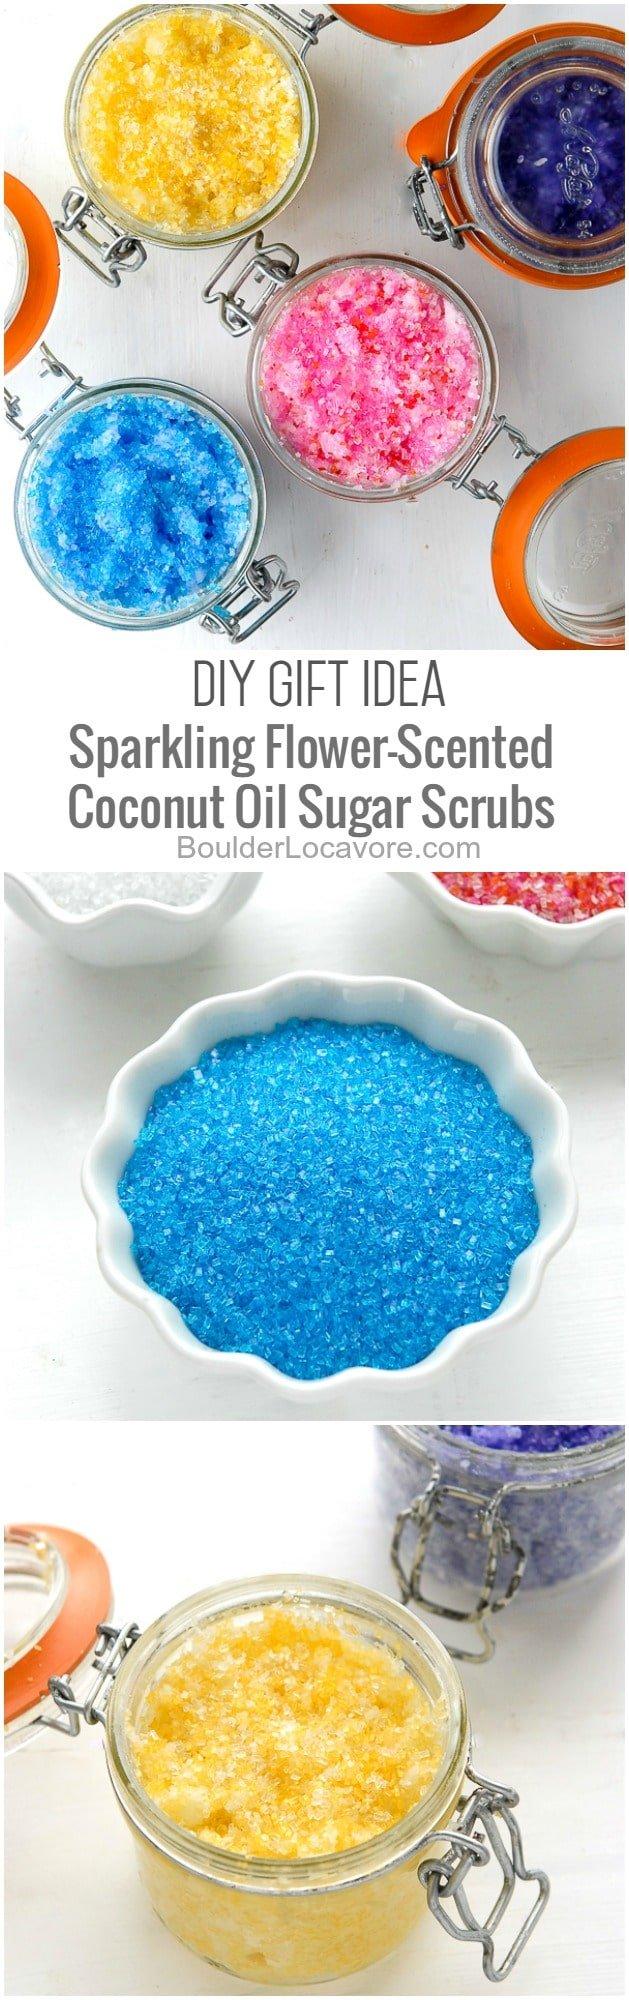 sugar coconut oil sugar scrub collage